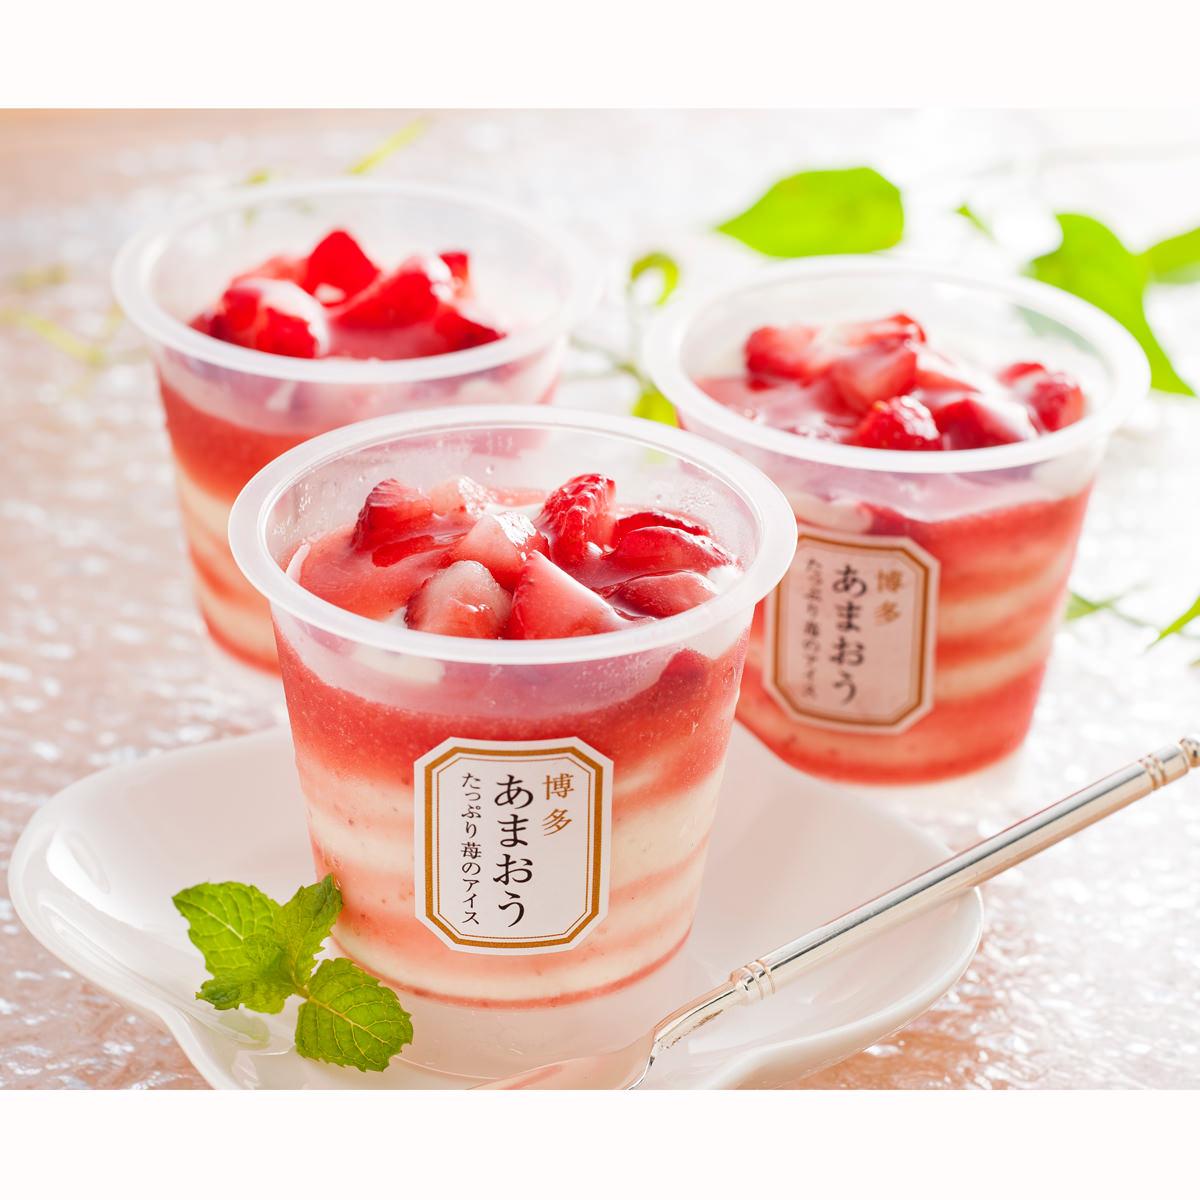 父の日 博多あまおう たっぷり苺のアイス 〔苺のアイス74ml×5 イエローローズ付(造花)〕 アイスクリーム